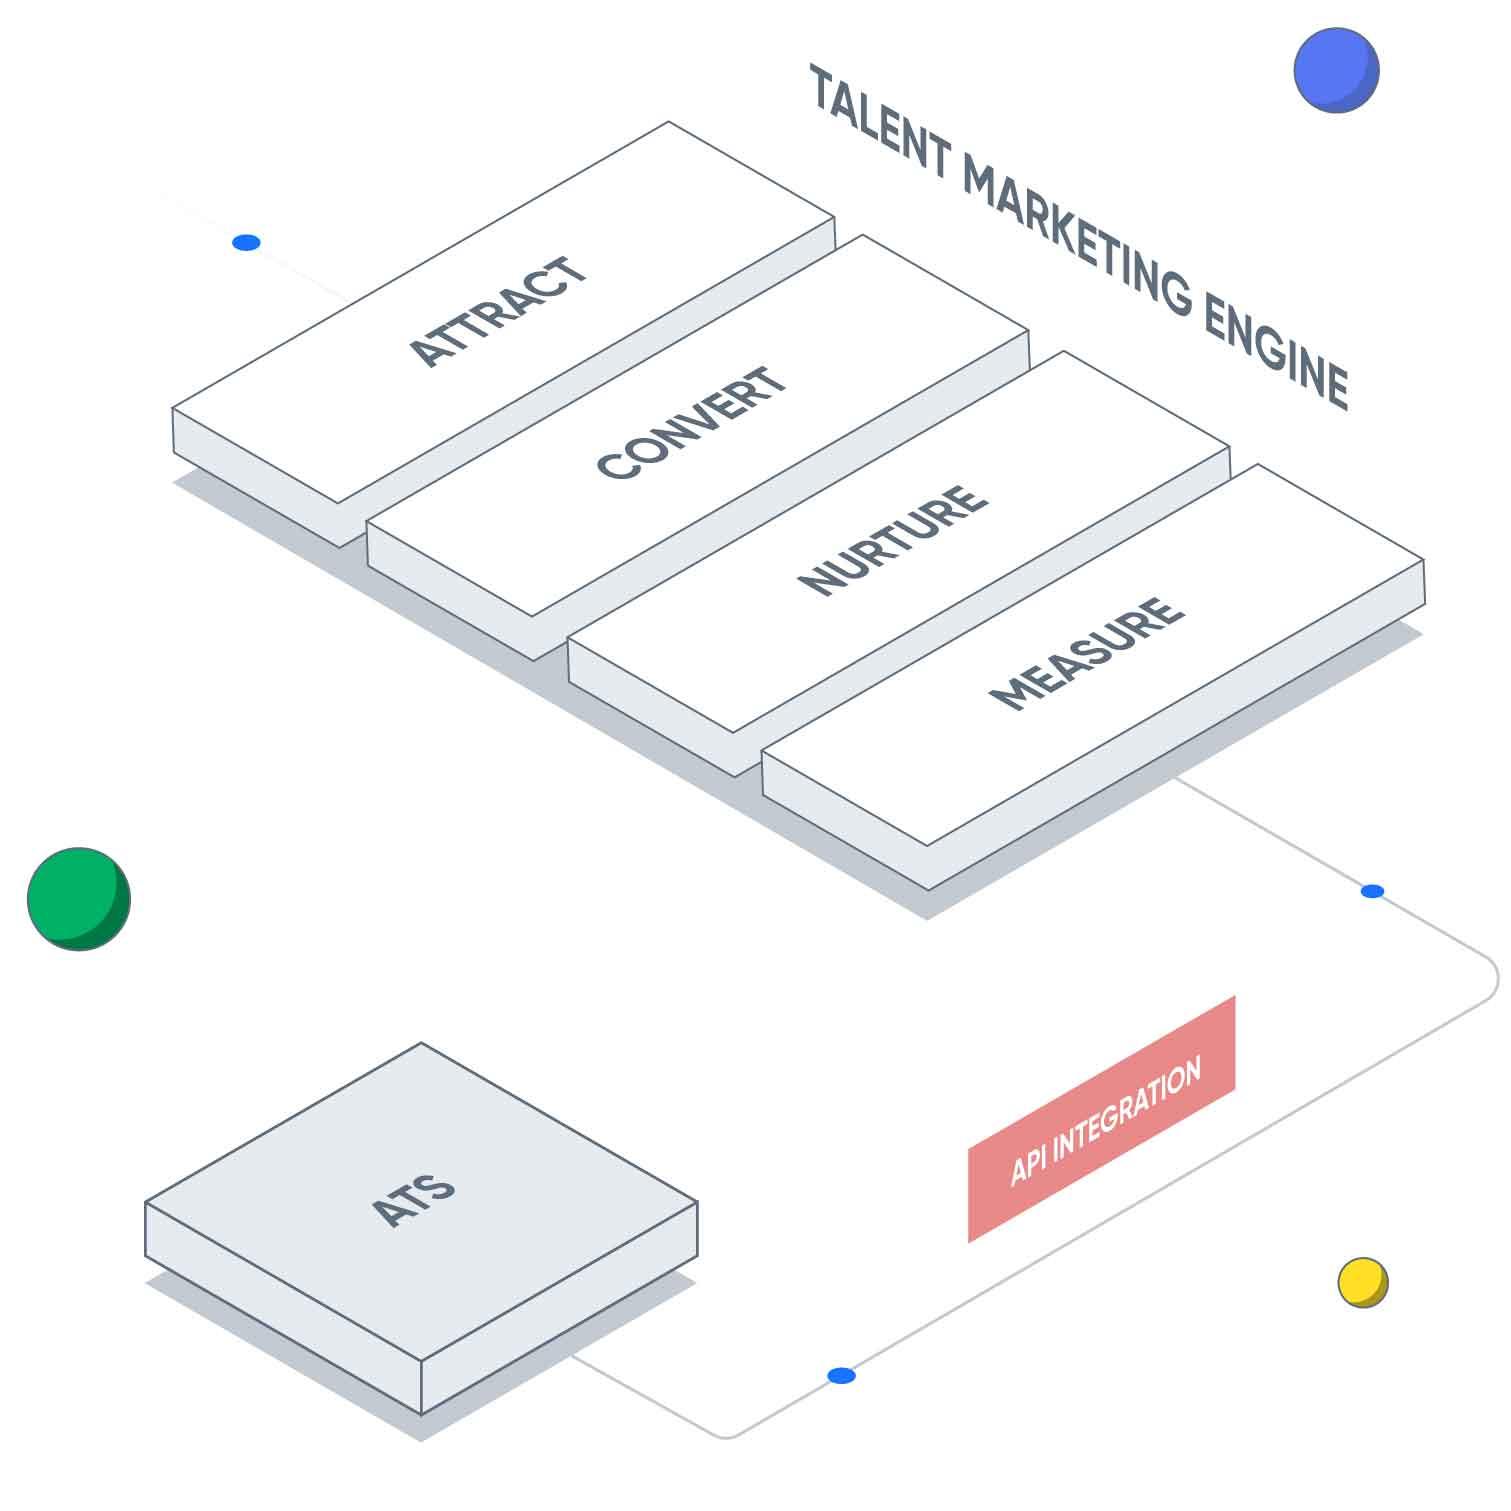 talentmarketingengine-1